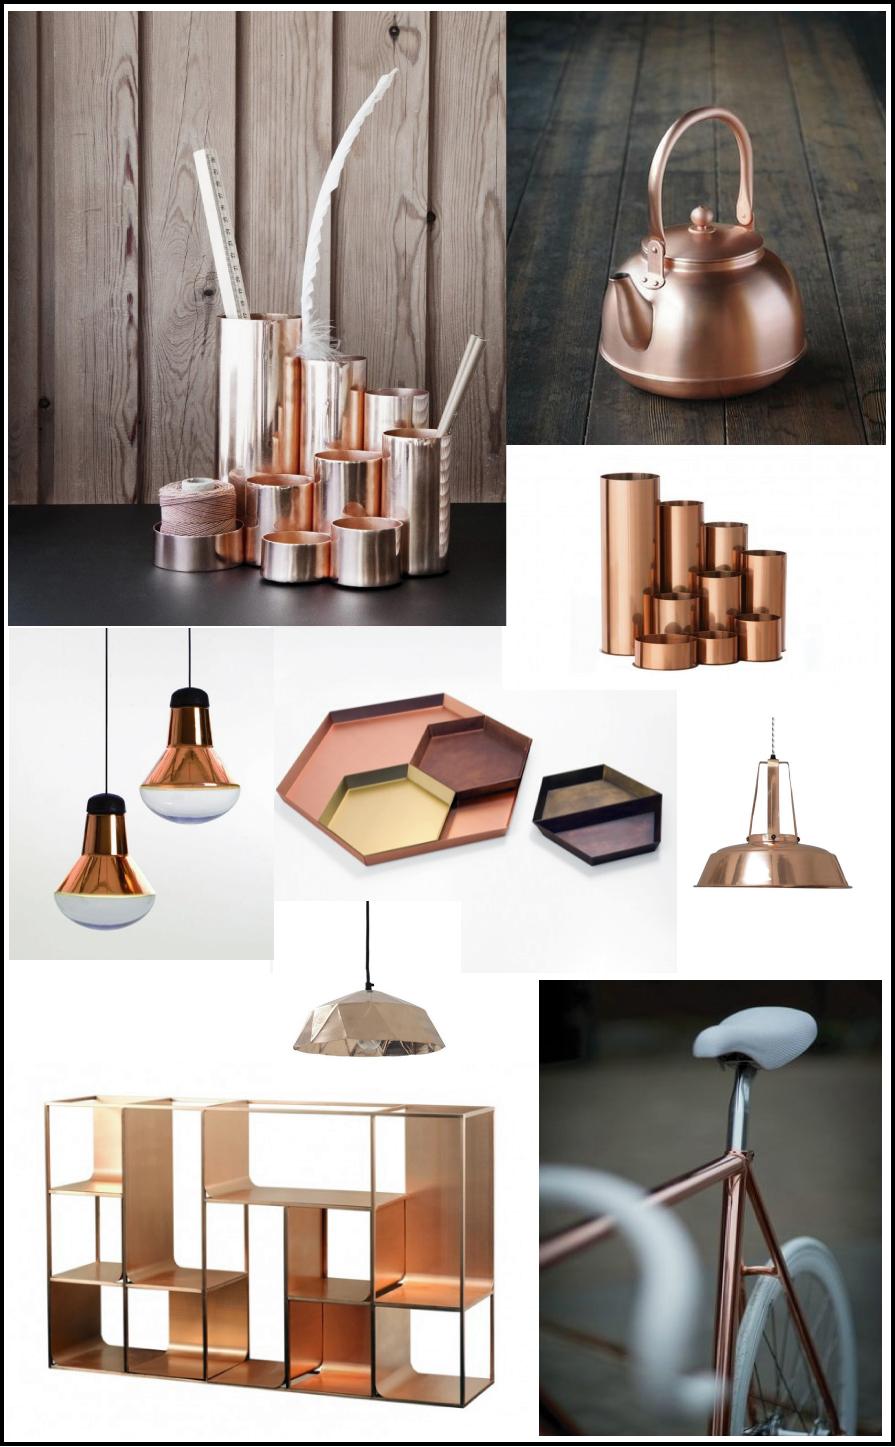 cuivre Wish list objets cuivre par e-boutique deco chiara stella home